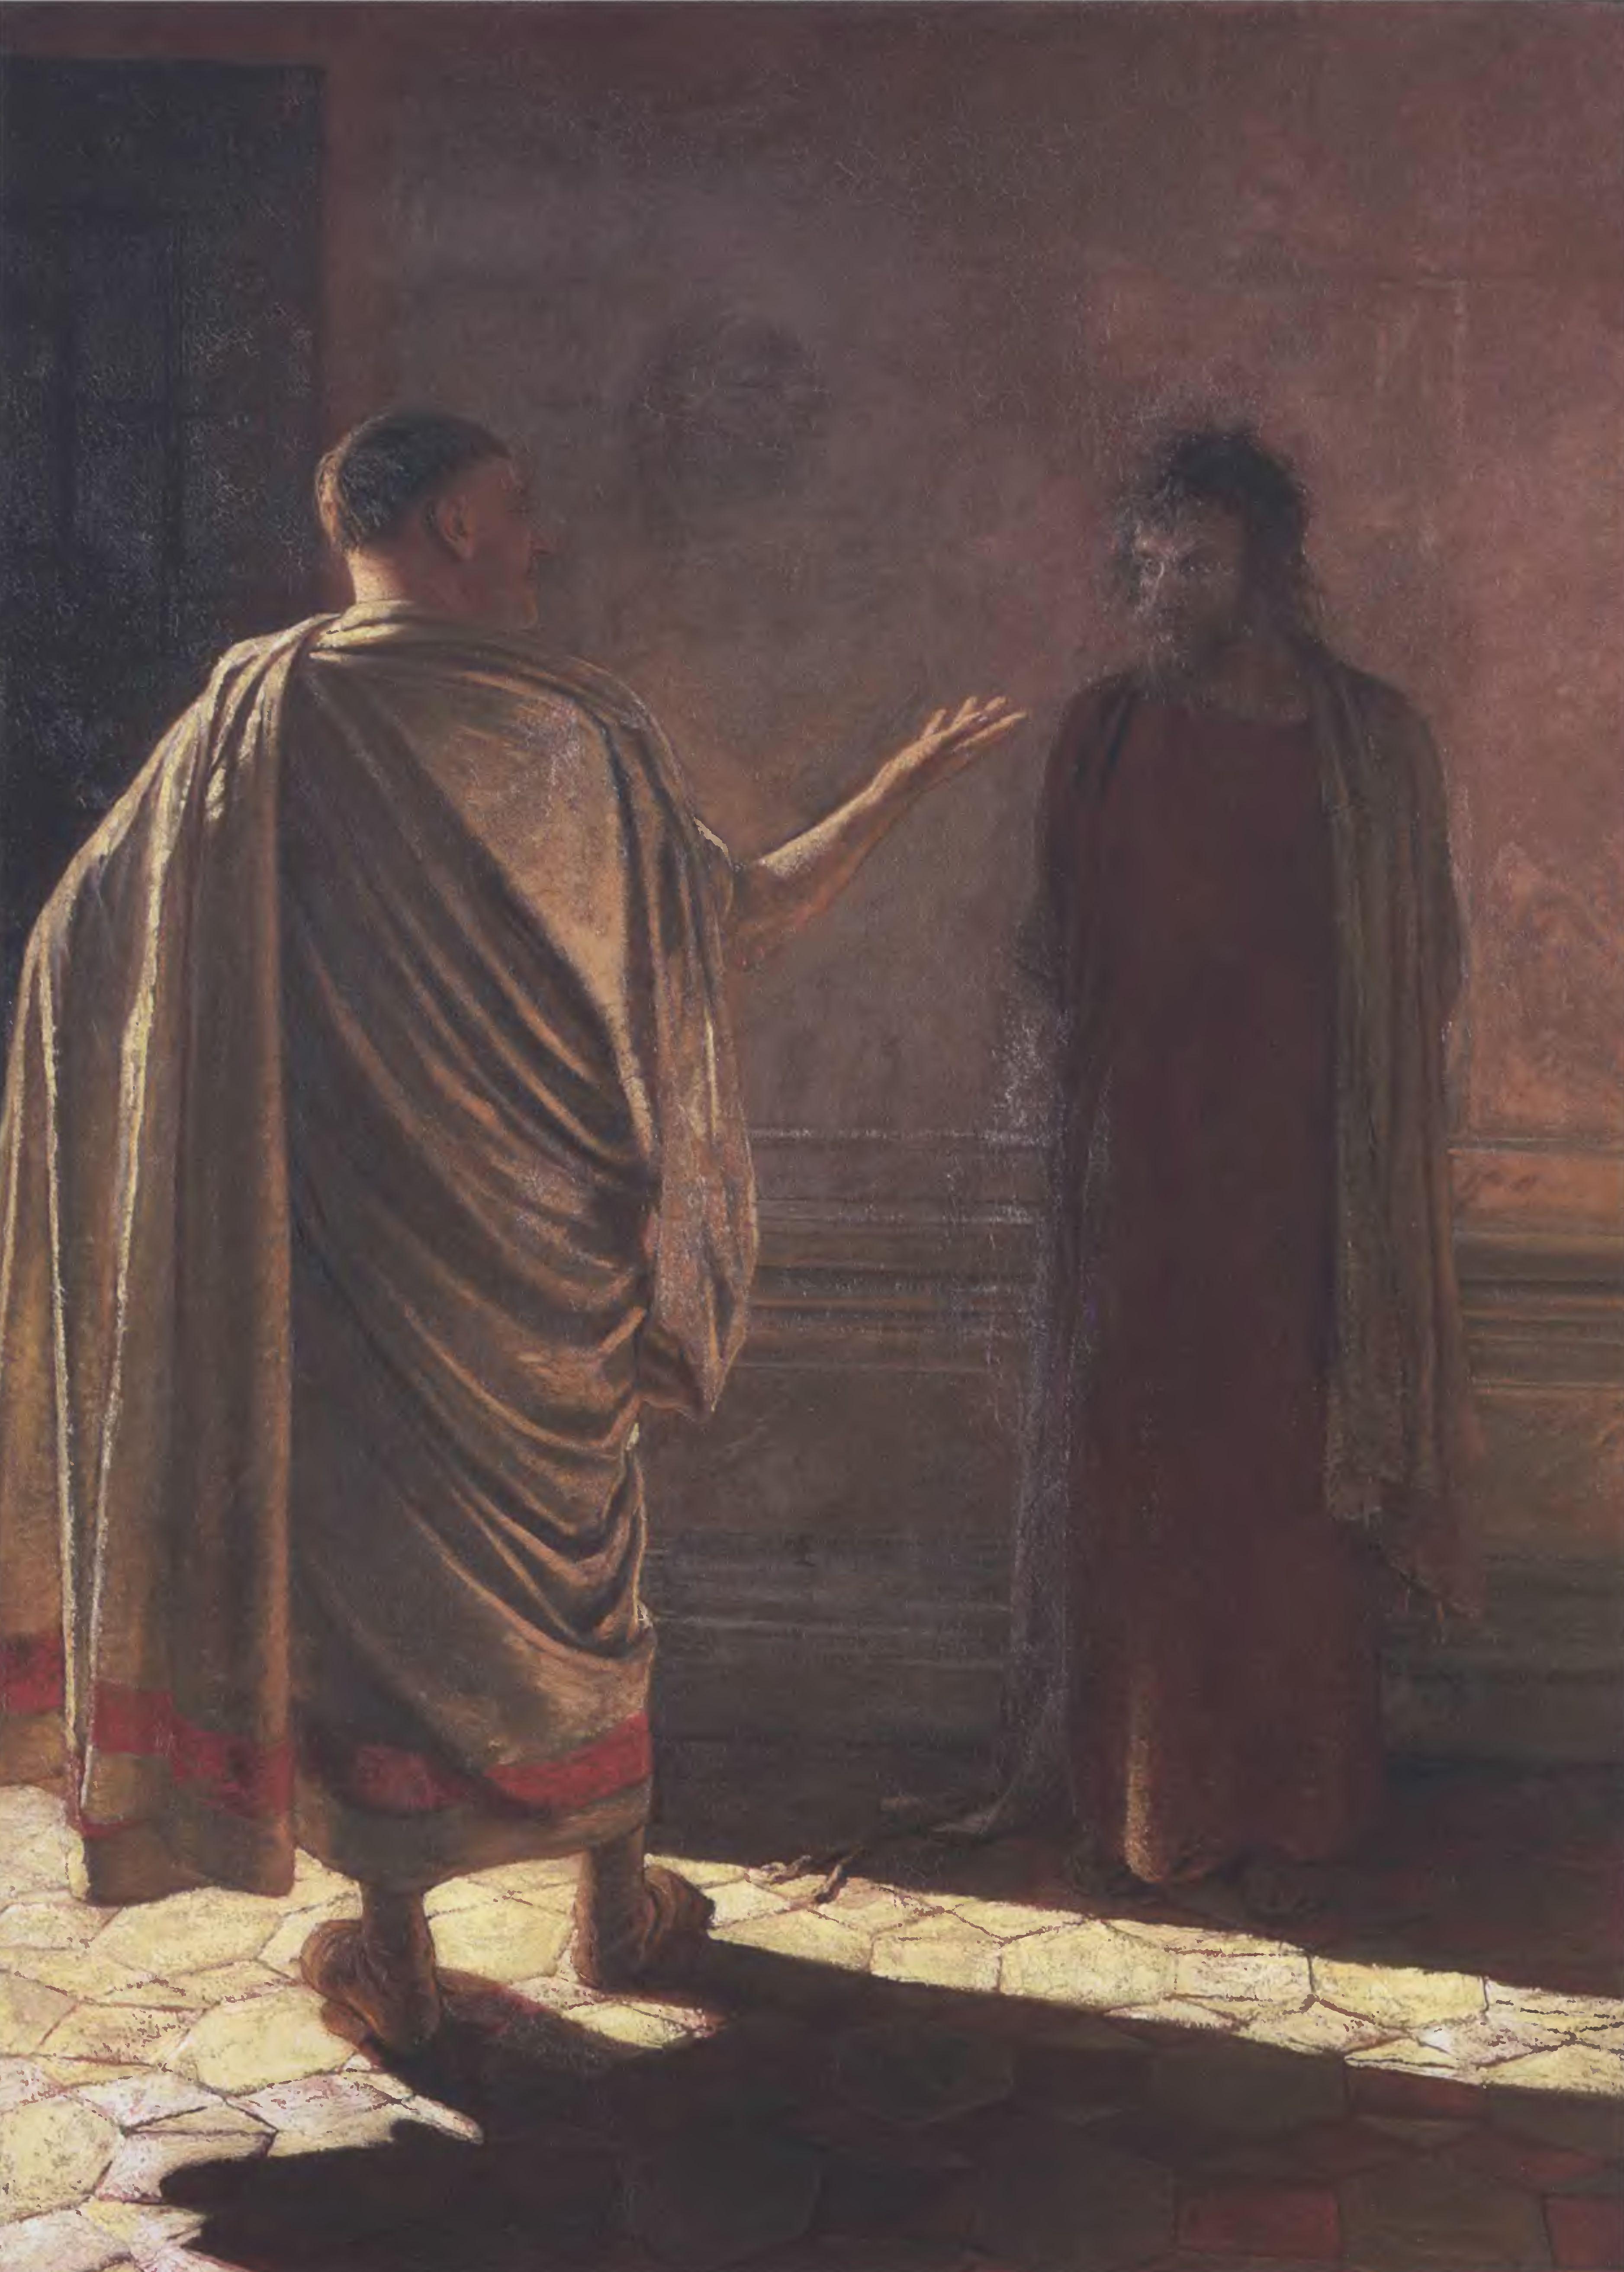 НИКОЛАЙ ГЕ. «Что есть истина?». Христос и Пилат. 1890. Холст, масло. 233 х 171 см. Государственная Третьяковская галерея